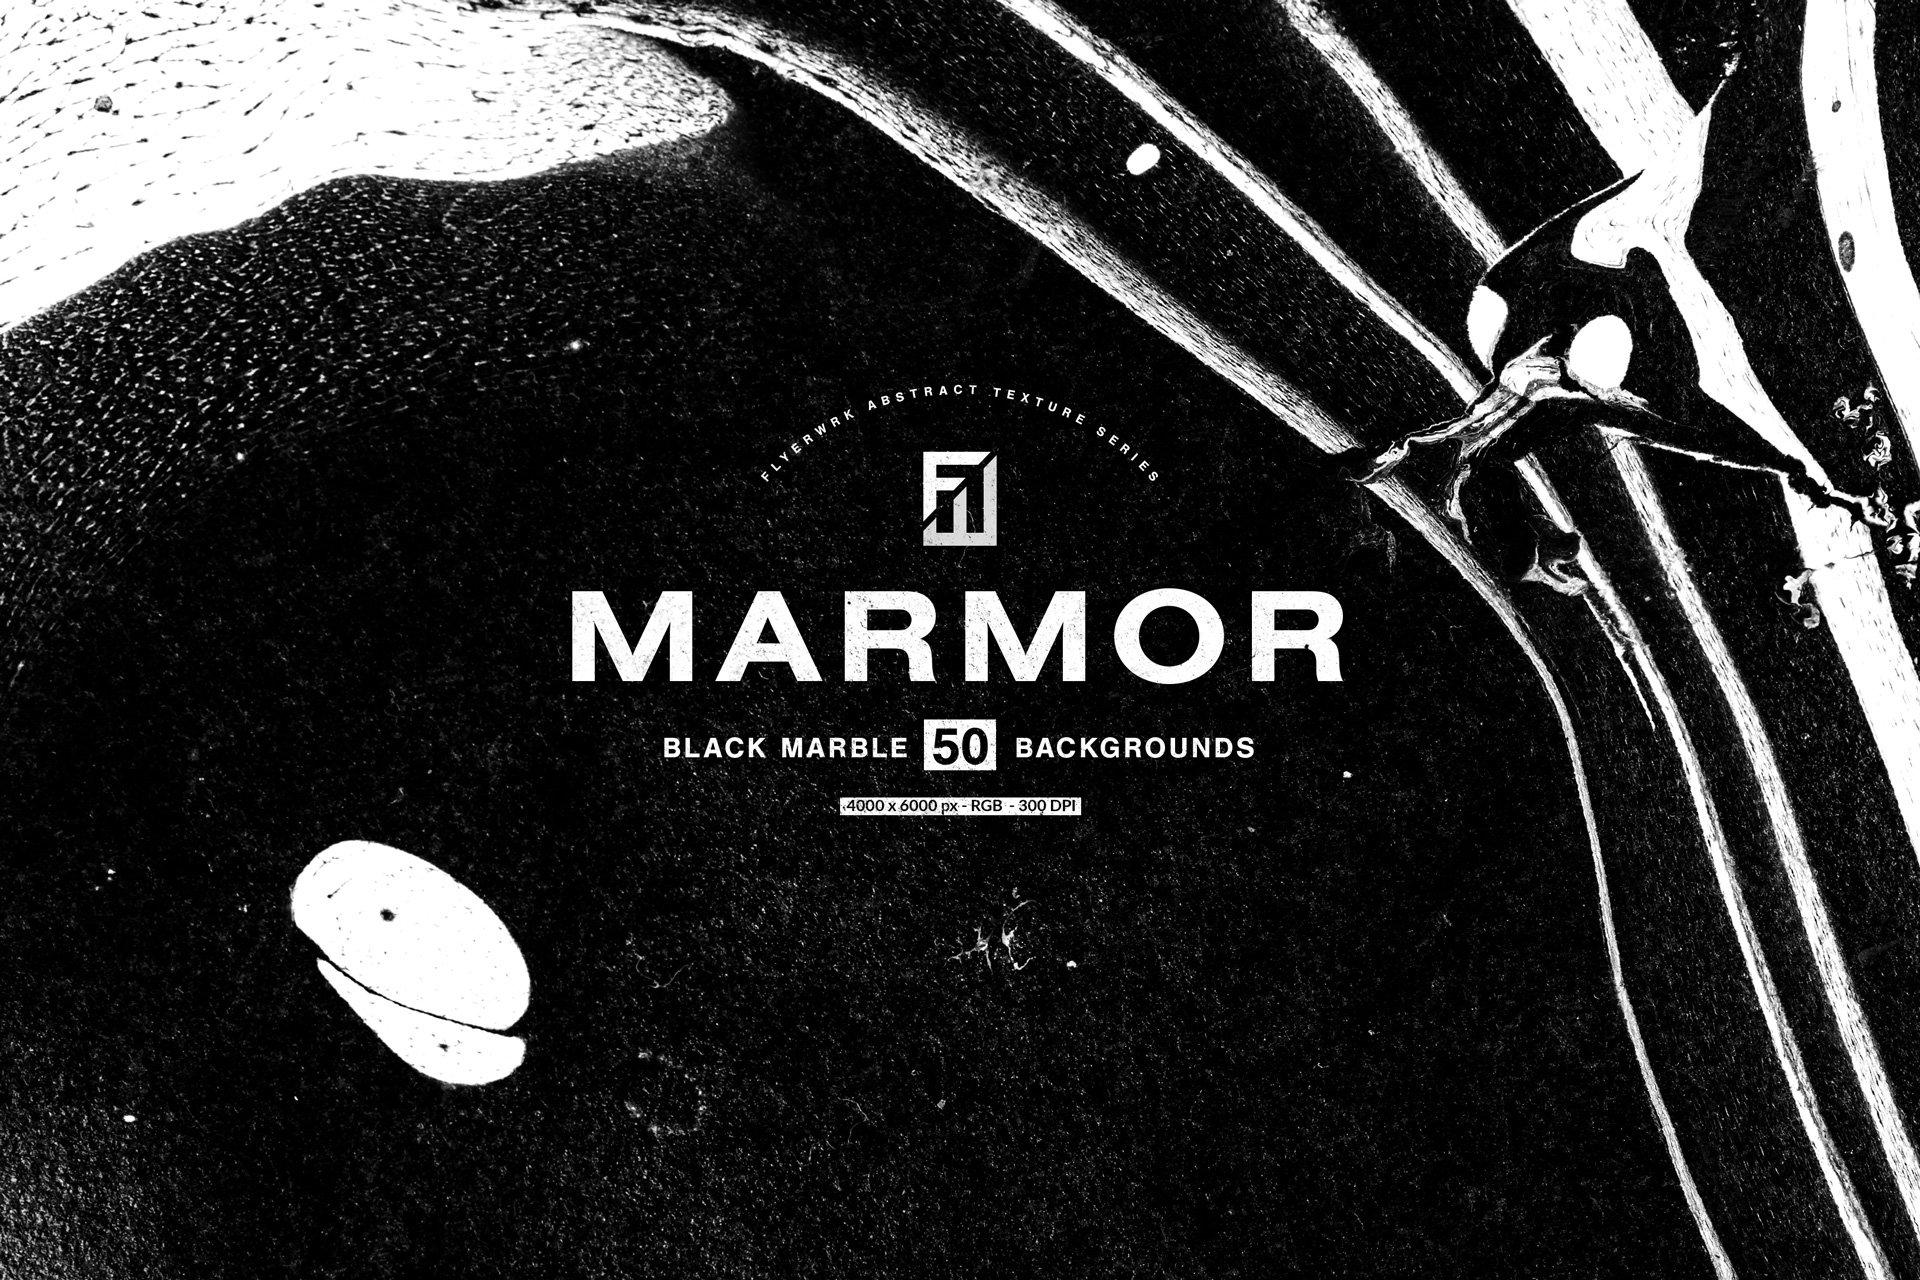 50款高清抽象大理石液体海报设计底纹背景图片素材 Marmor – 50 Abstract Marble textures插图